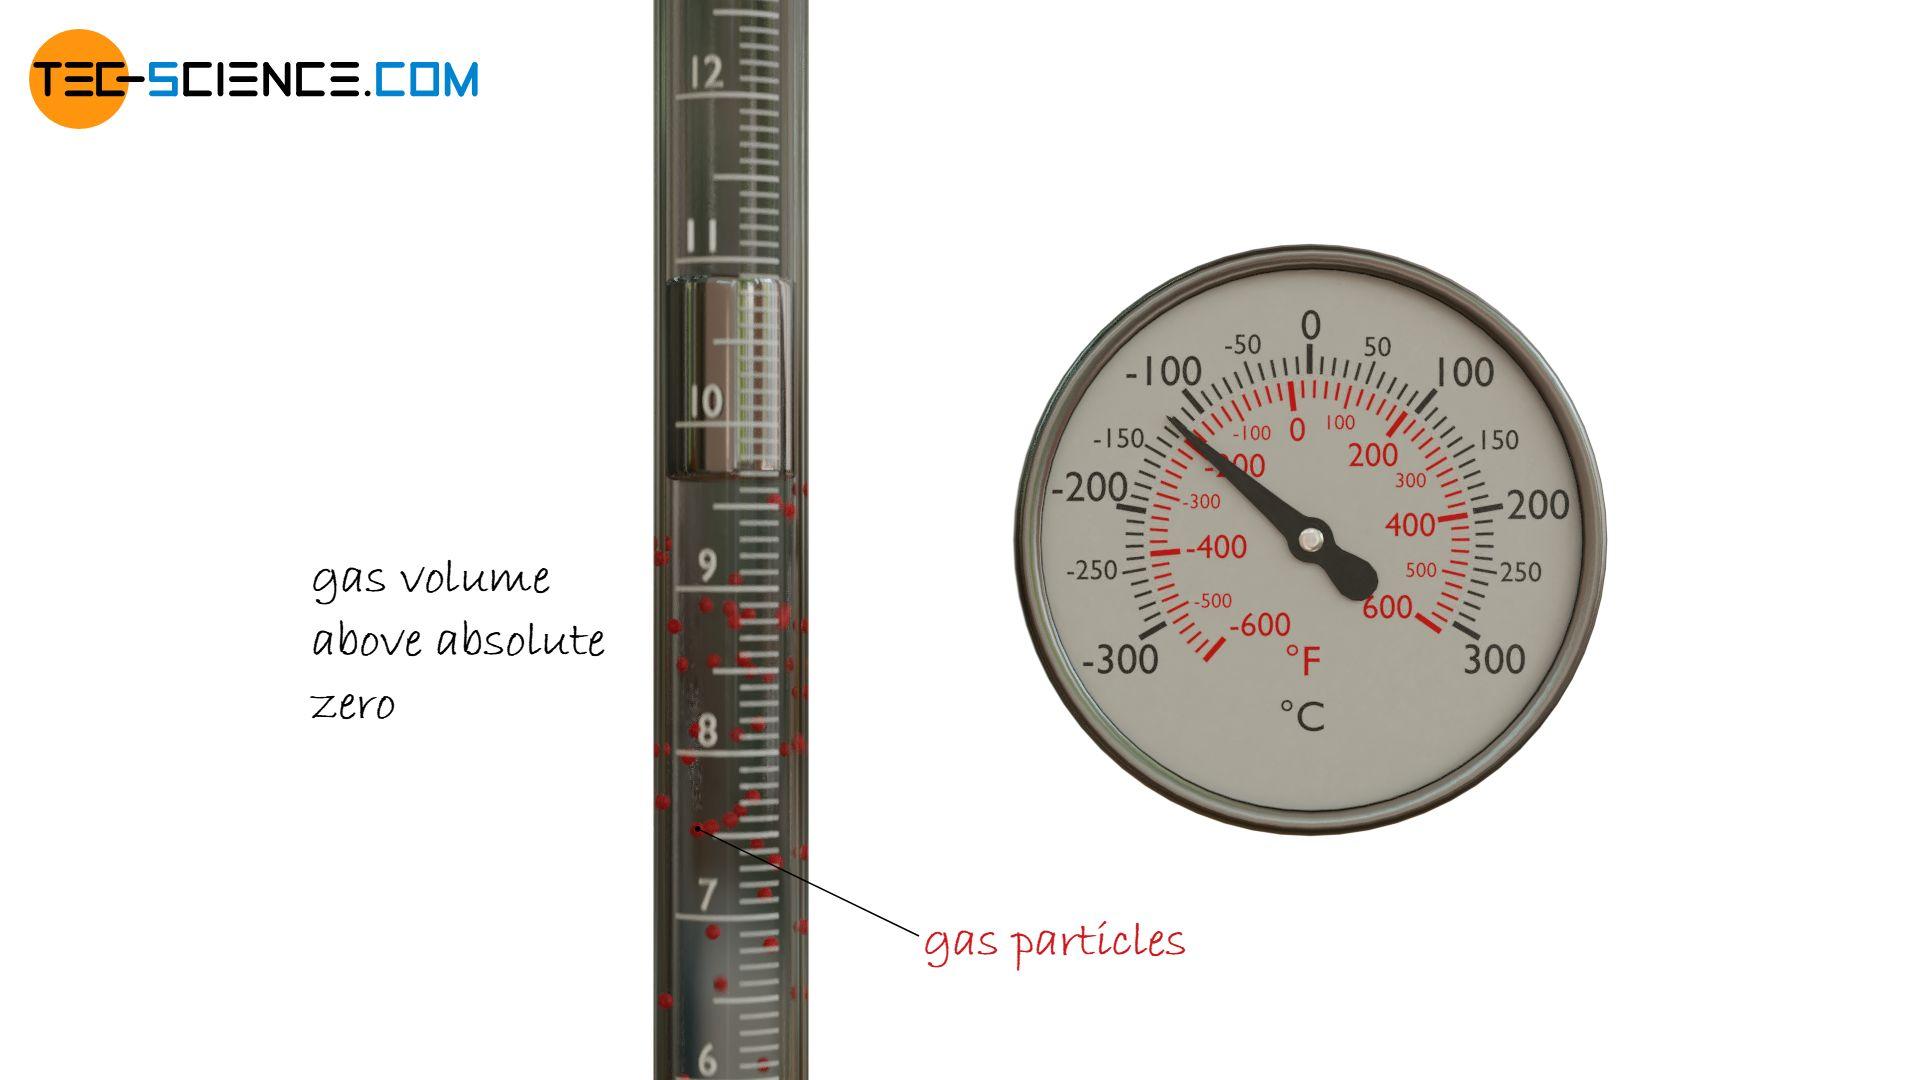 Gas volume above absolute zero (schematic)